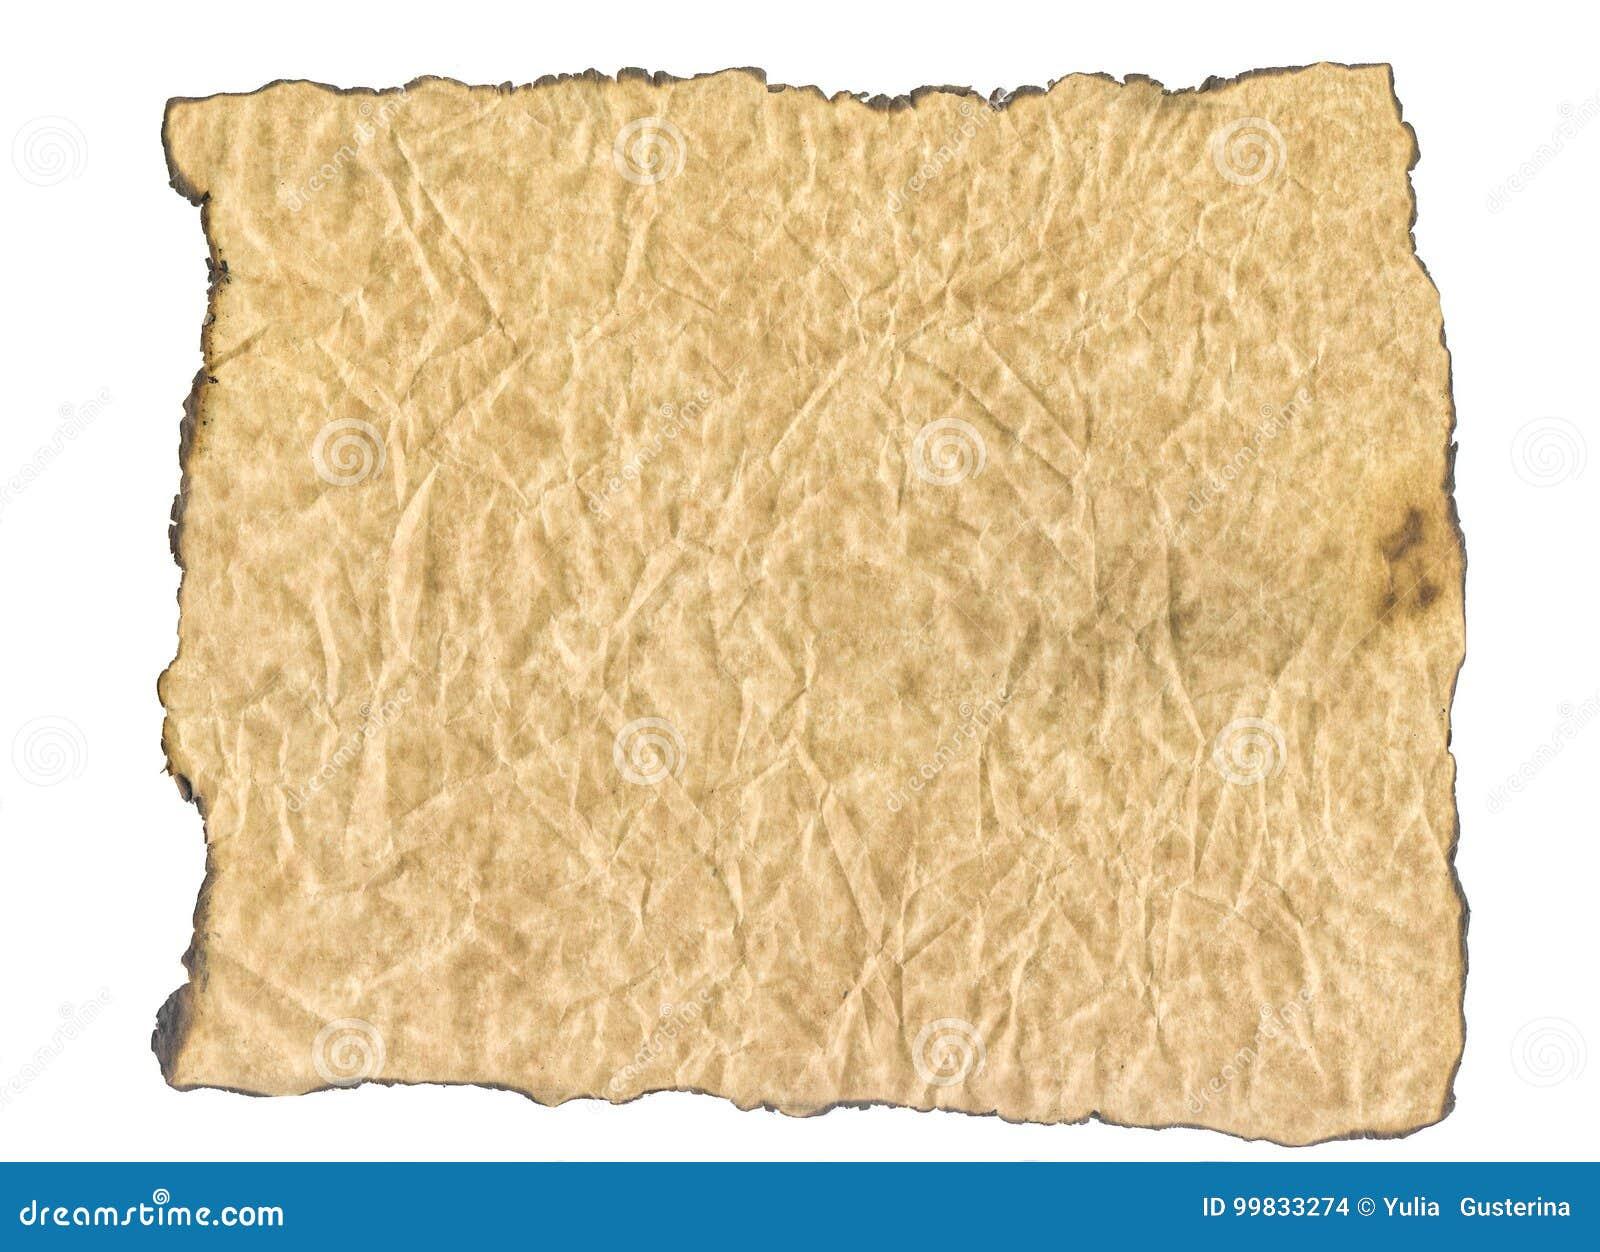 Текстура, который сгорели бумаги сгорели бумага краев старая